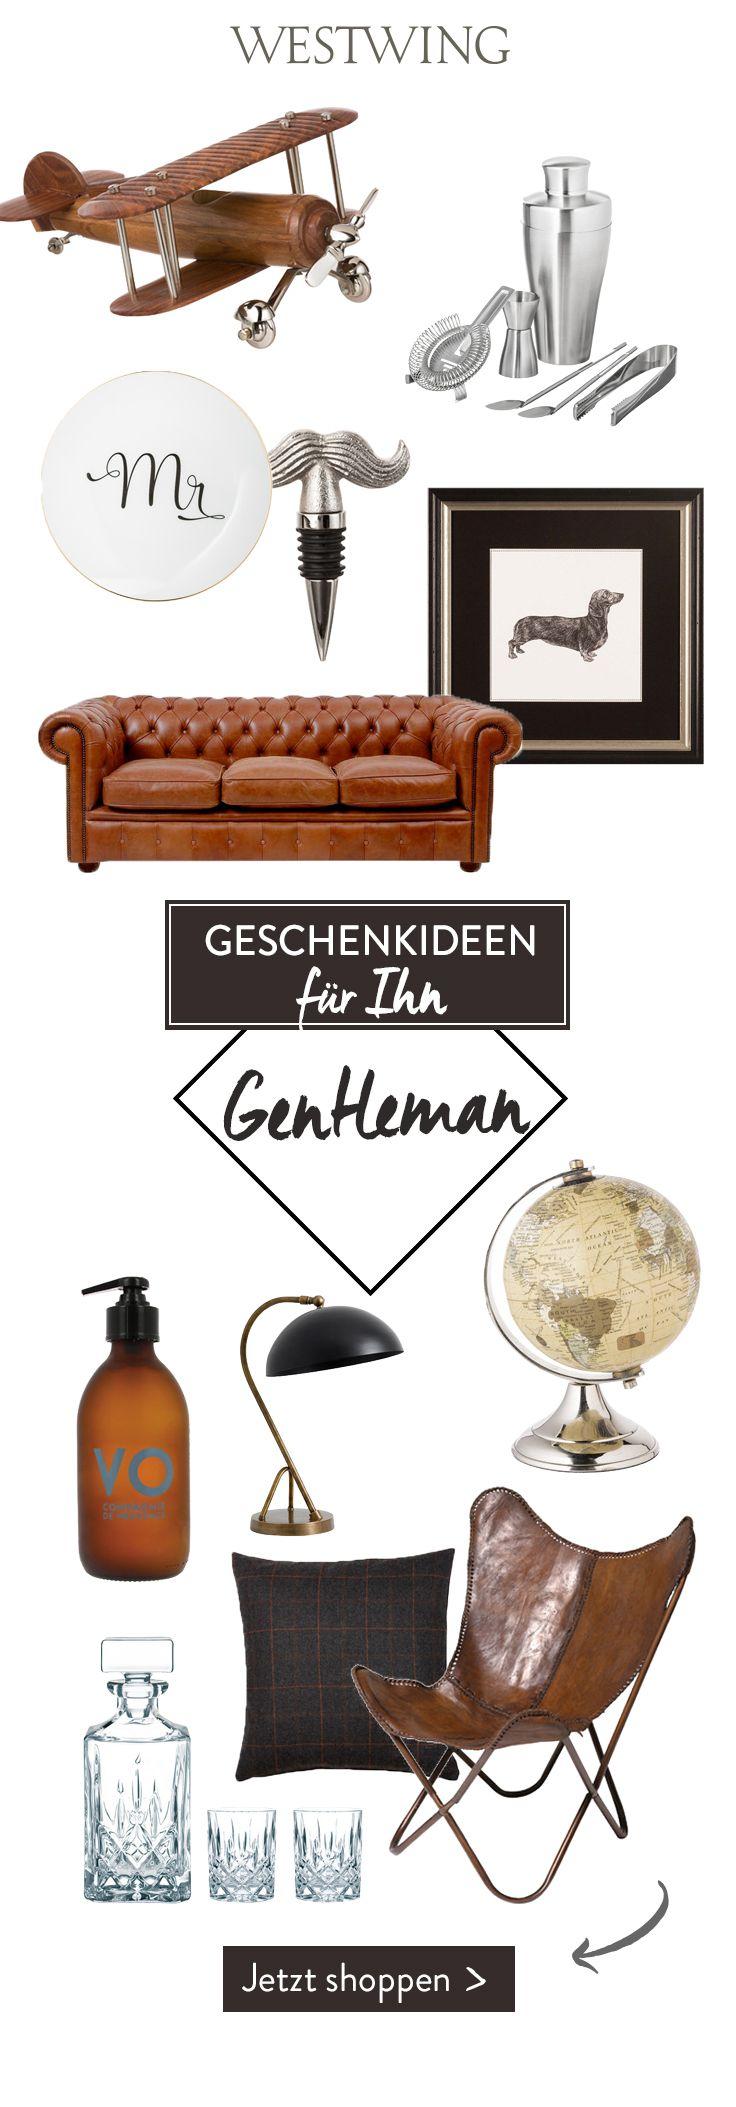 die besten 25 geschenk f r ehemann ideen auf pinterest berraschungsgeschenke f r ehemann. Black Bedroom Furniture Sets. Home Design Ideas